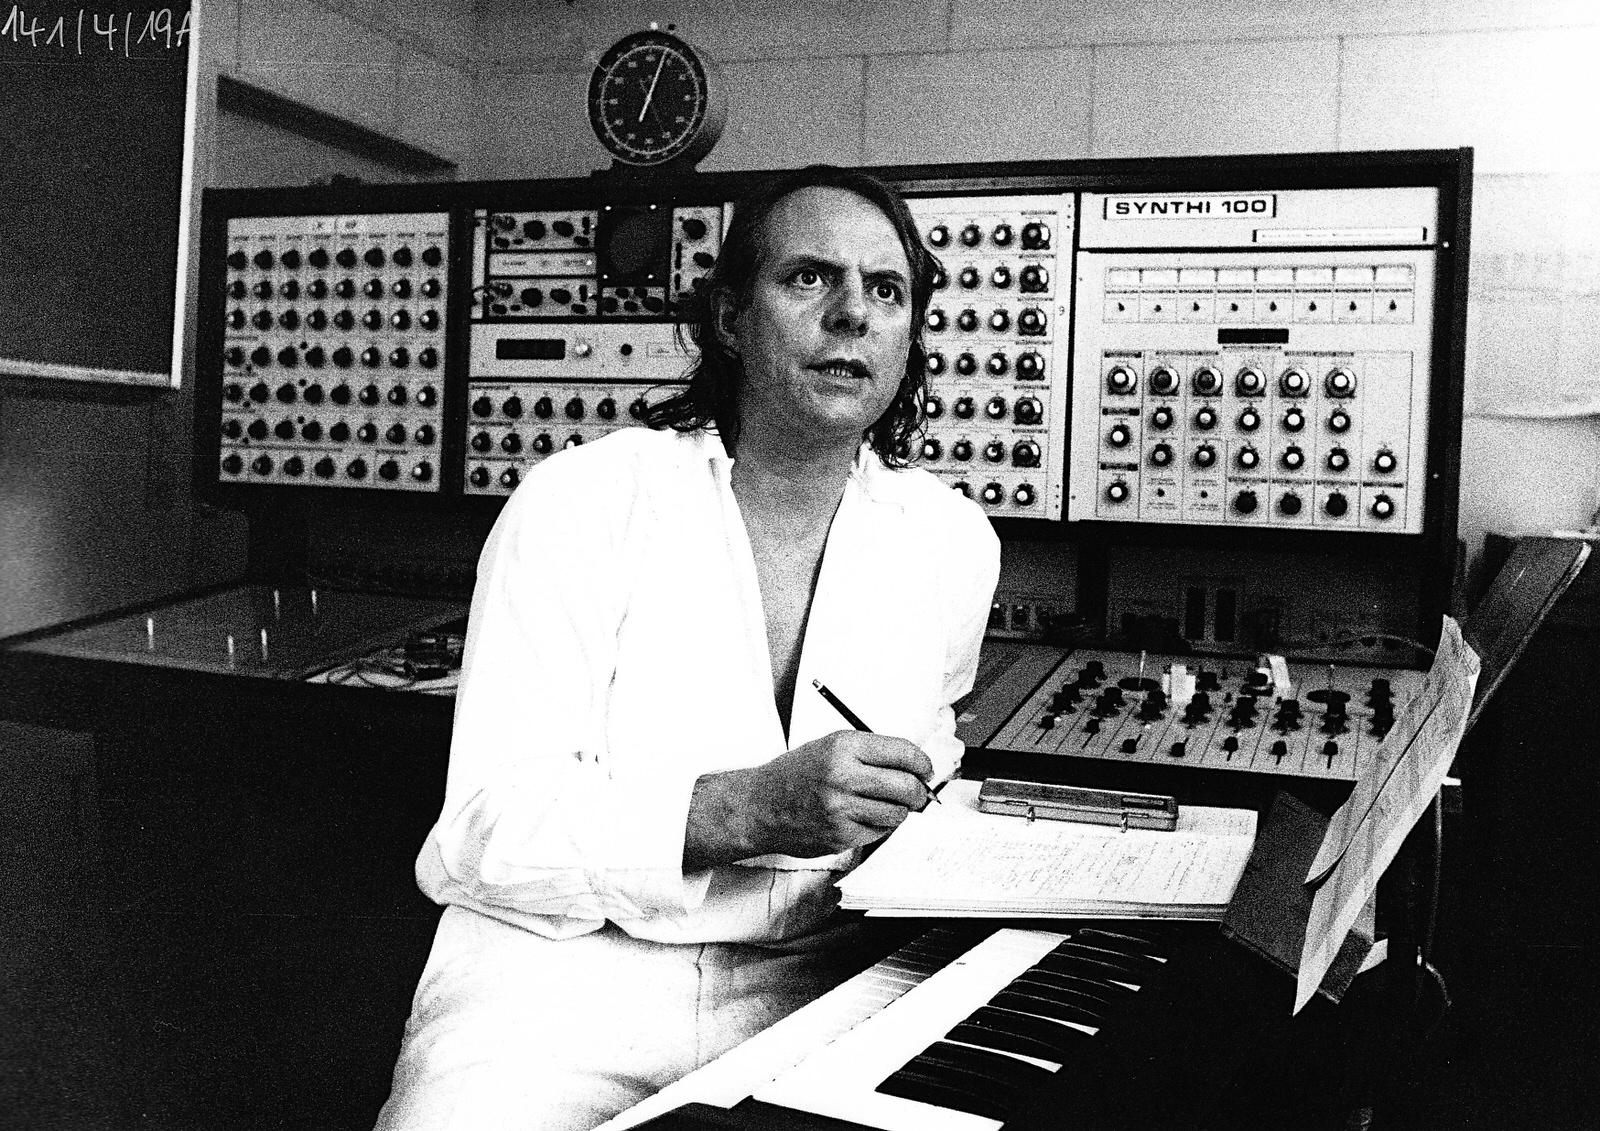 Karlheinz Stockhausen, 1975 • Foto ©Werner Scholz / Archiv der Stockhausen-Stiftung für Musik